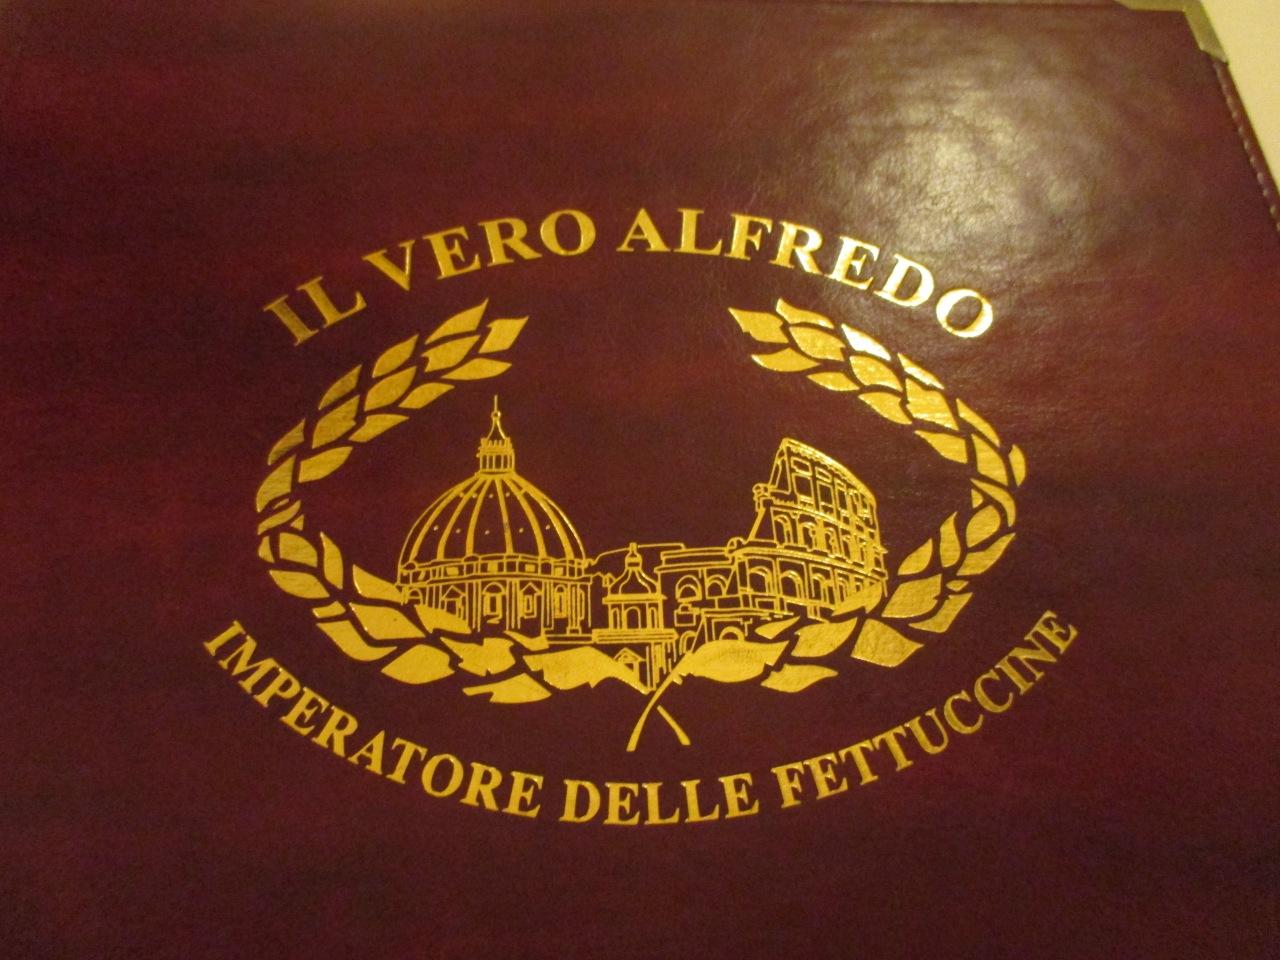 Il Vero Alfredo all Augusteo, emperador del Fettuccine. Il Vero Alfredo all Augusteo, the Emperor ofFettuccine.